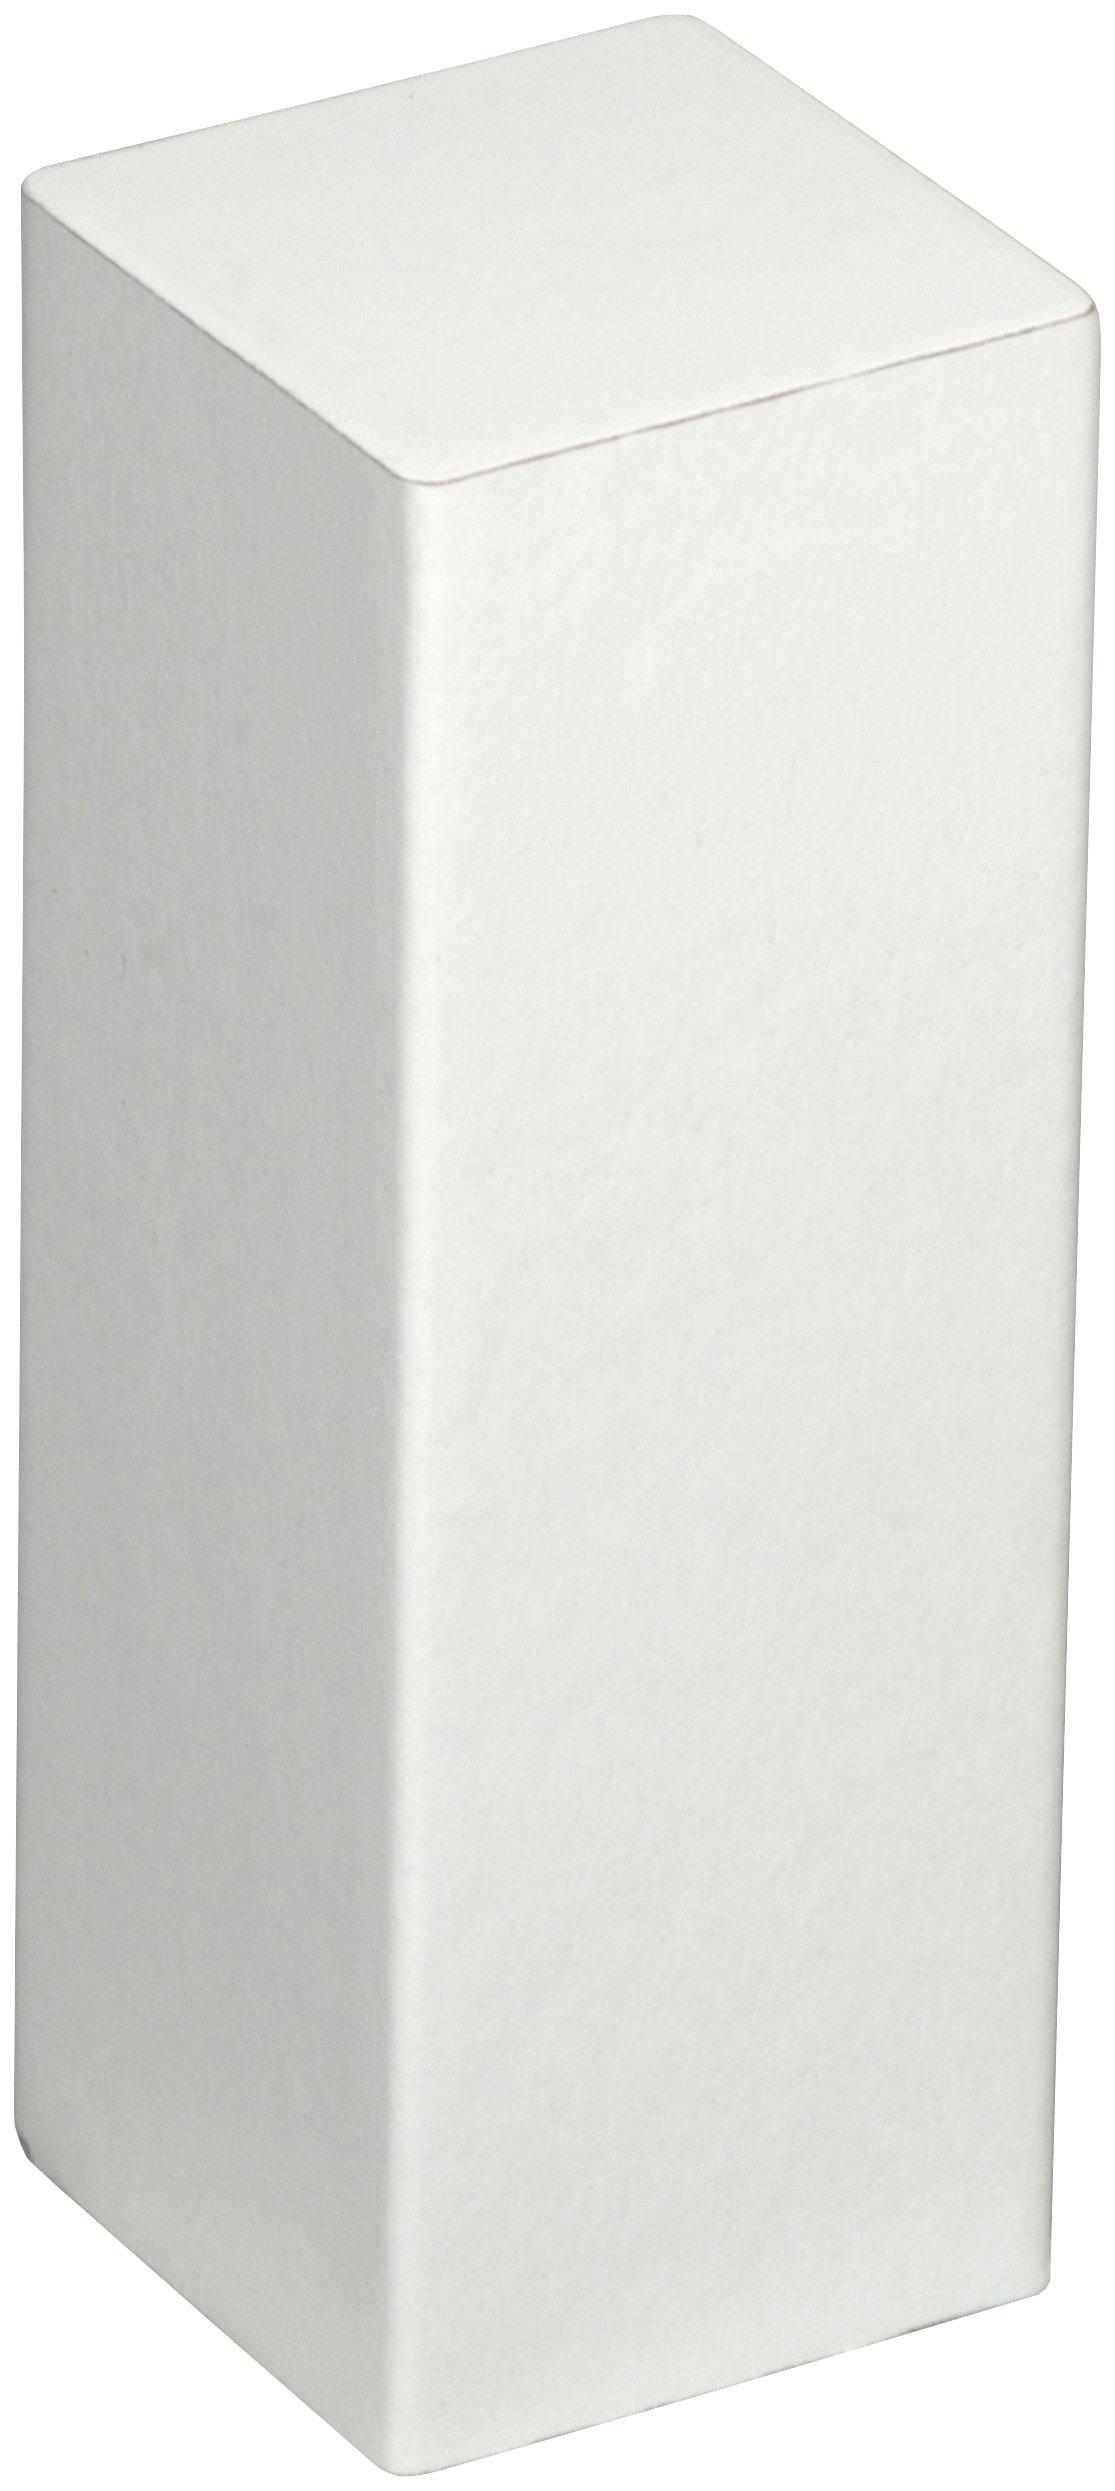 Op zoek naar een Bodenmeister Plint binnenhoek Hoekstaafjes wit? Koop online bij OTTO